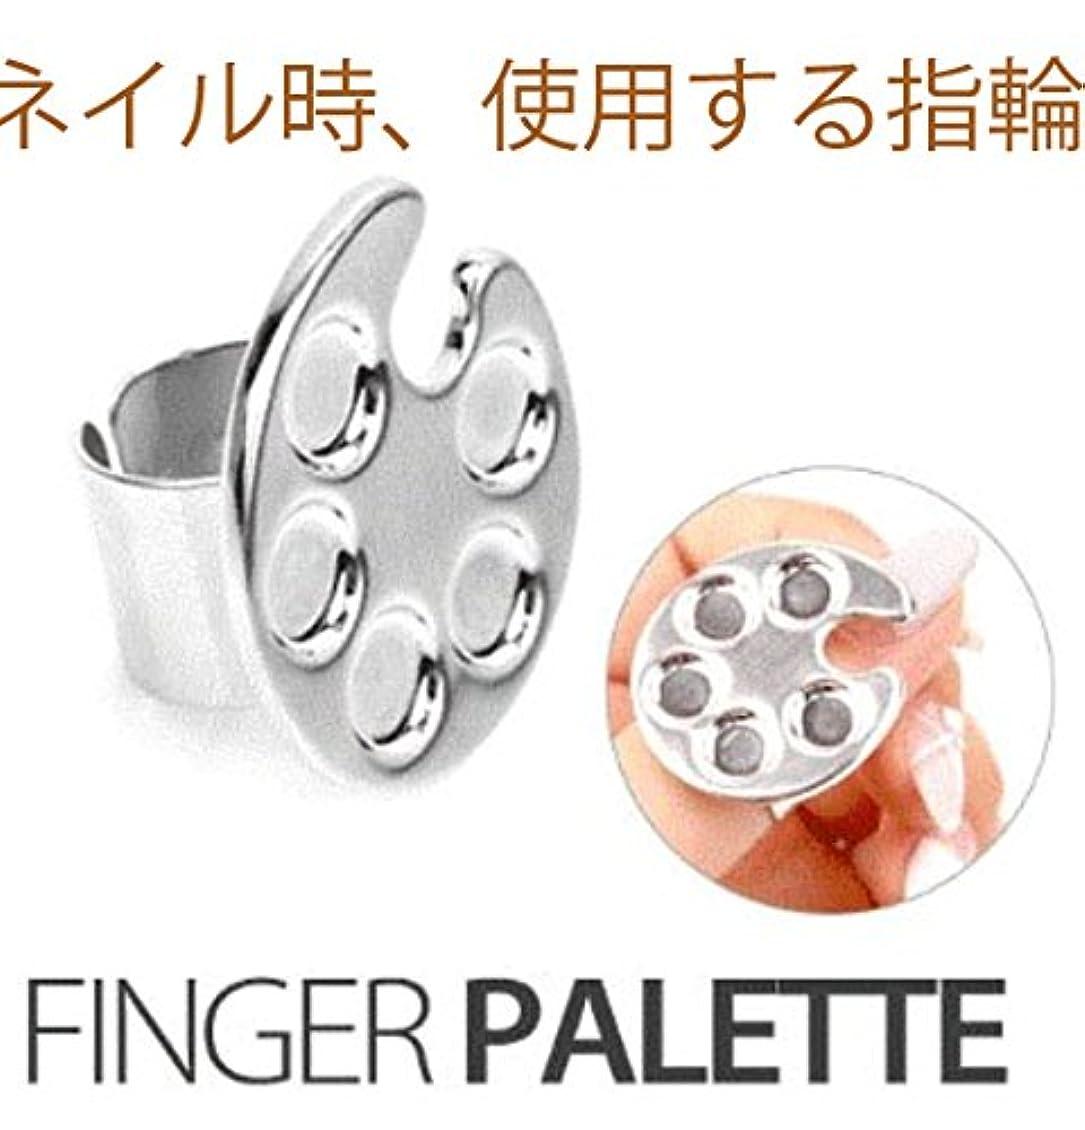 管理する承認する赤外線ネイルアートが楽になる、、ネイル時、使用する可愛いパレット指輪、clover、